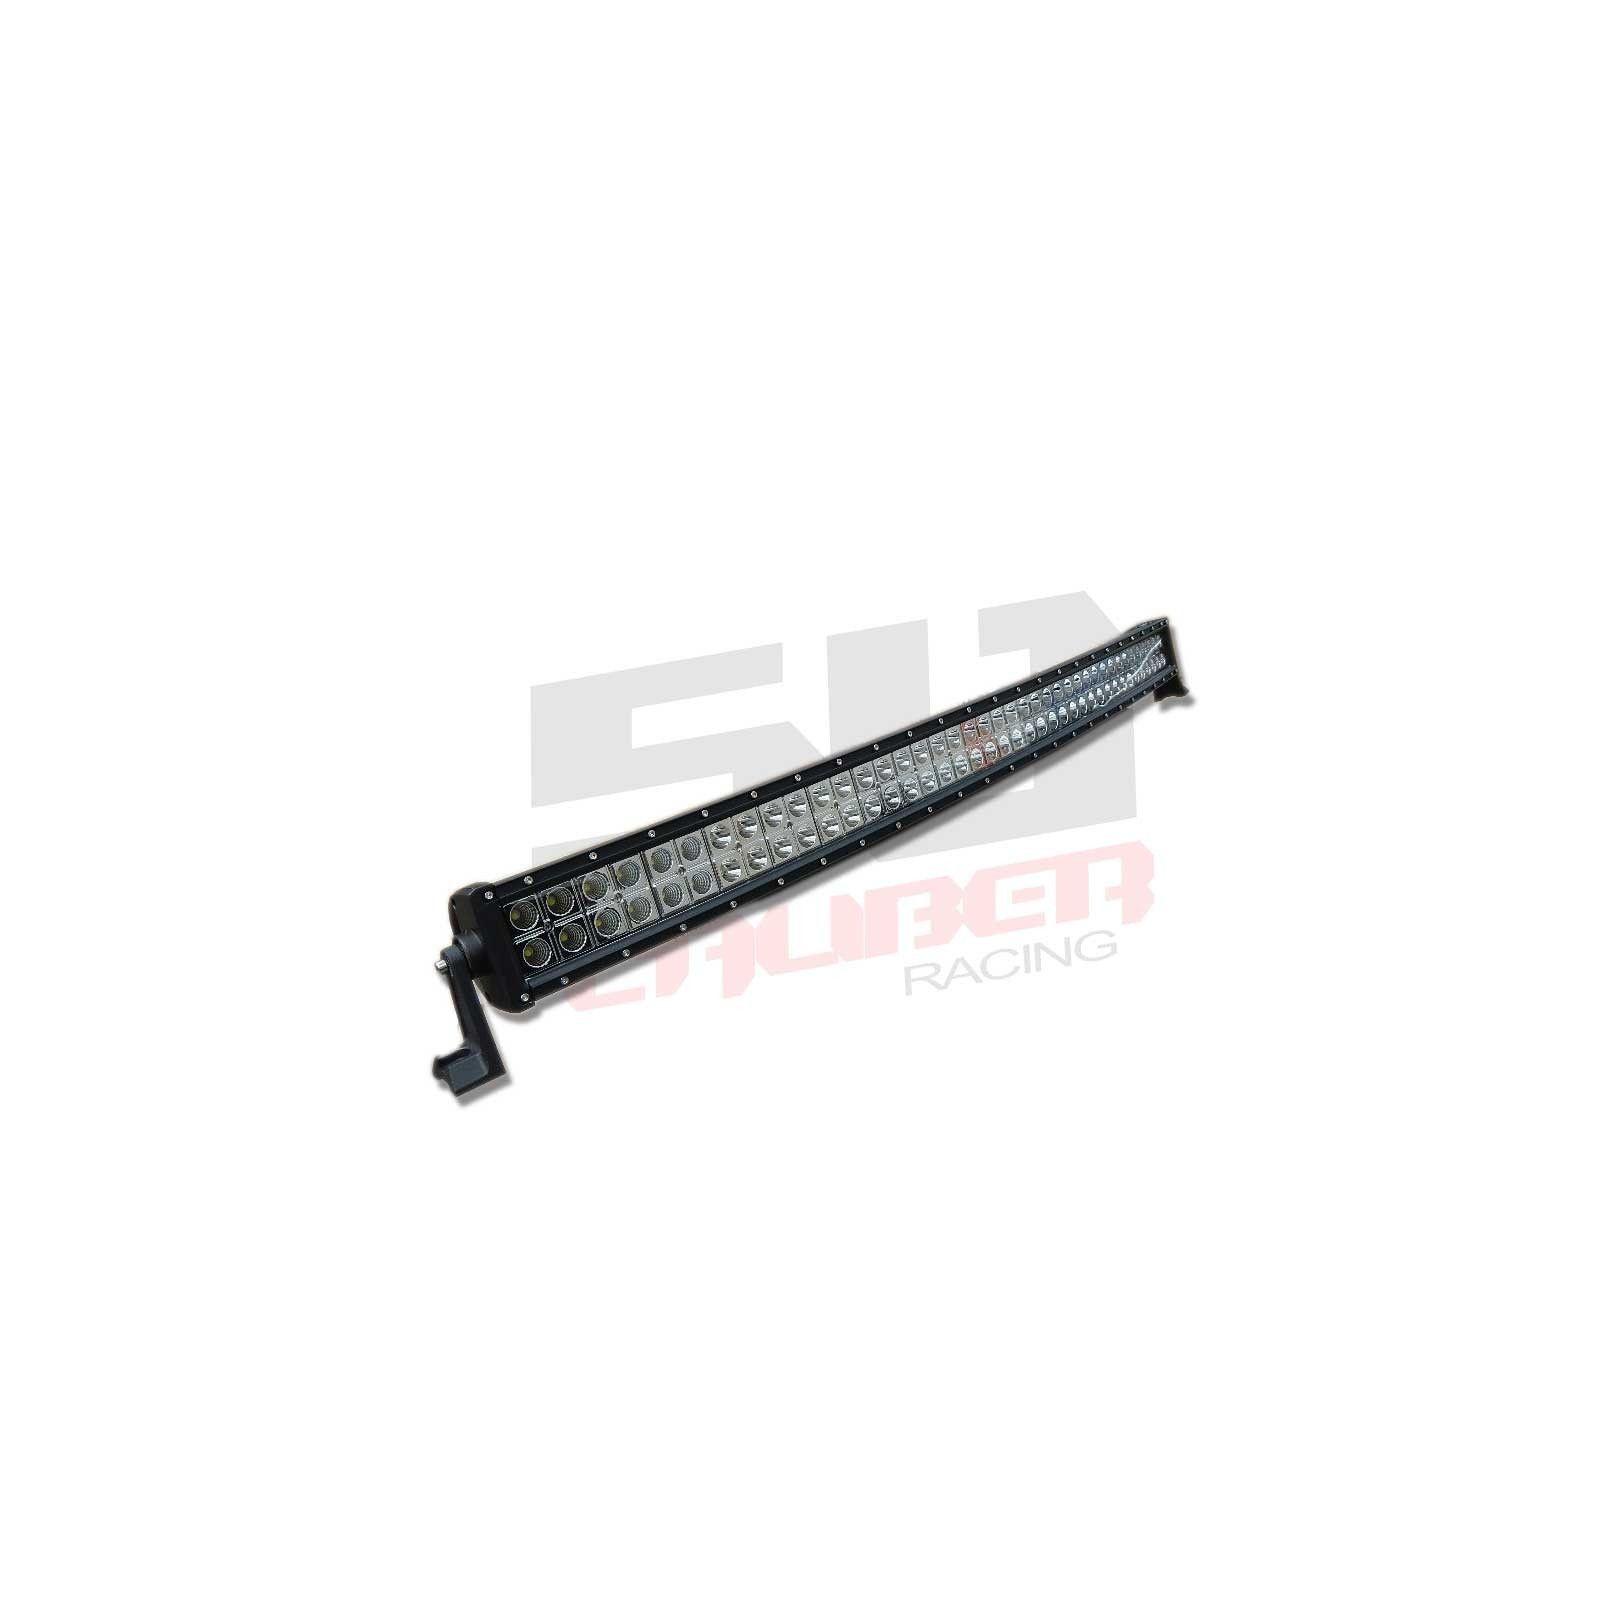 40 Inch Curved Led Light Bar Cree Bulbs 180 Watts Ip68